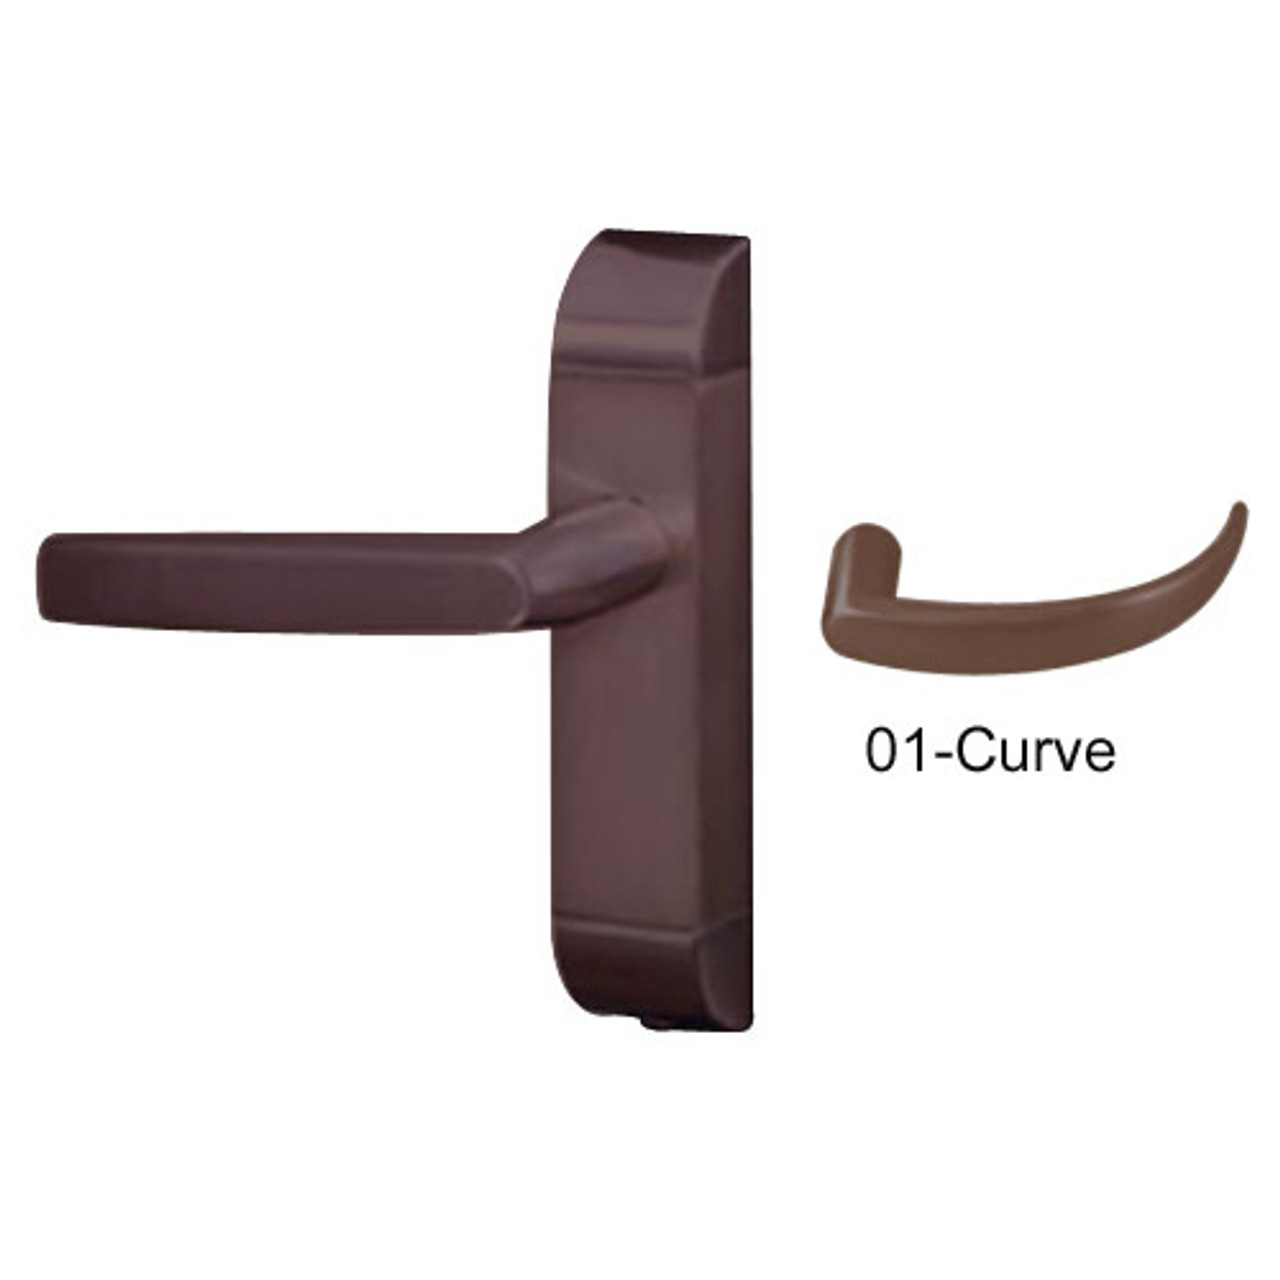 4600-01-611-US10B Adams Rite Heavy Duty Curve Deadlatch Handles in Oil Rubbed Bronze Finish